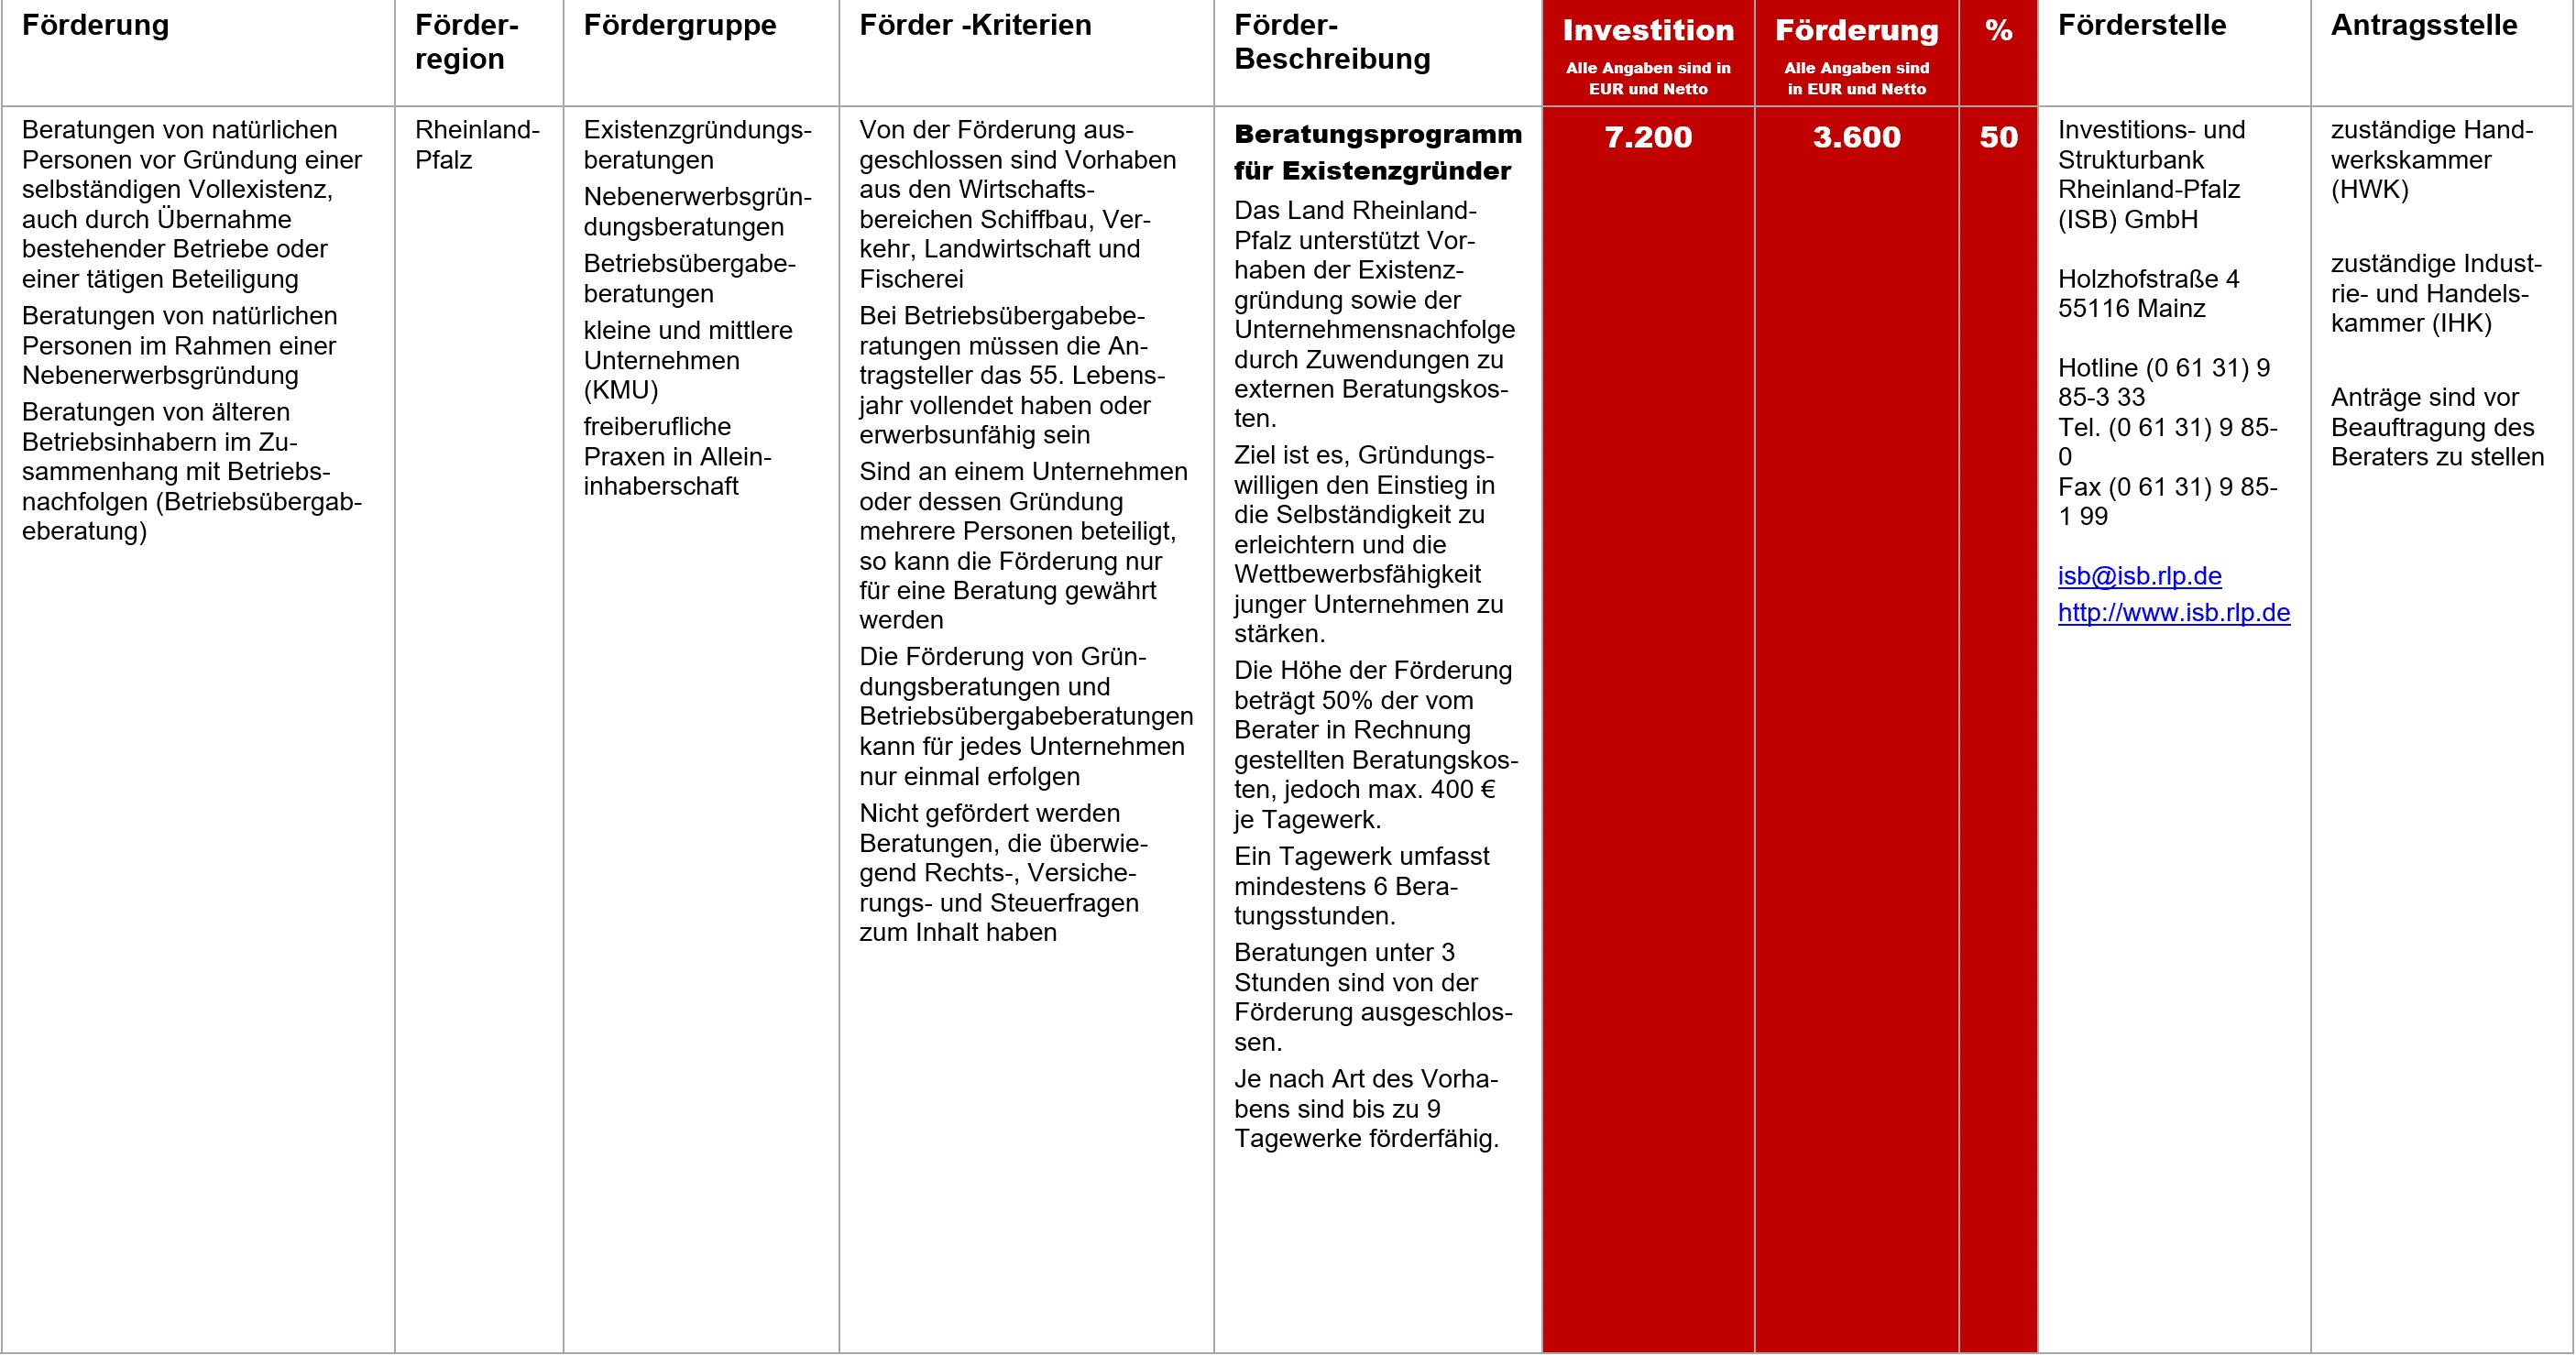 Beratungsprogramm für Existenzgründer, Fördermittel – Beratungsprogramm für Existenzgründer